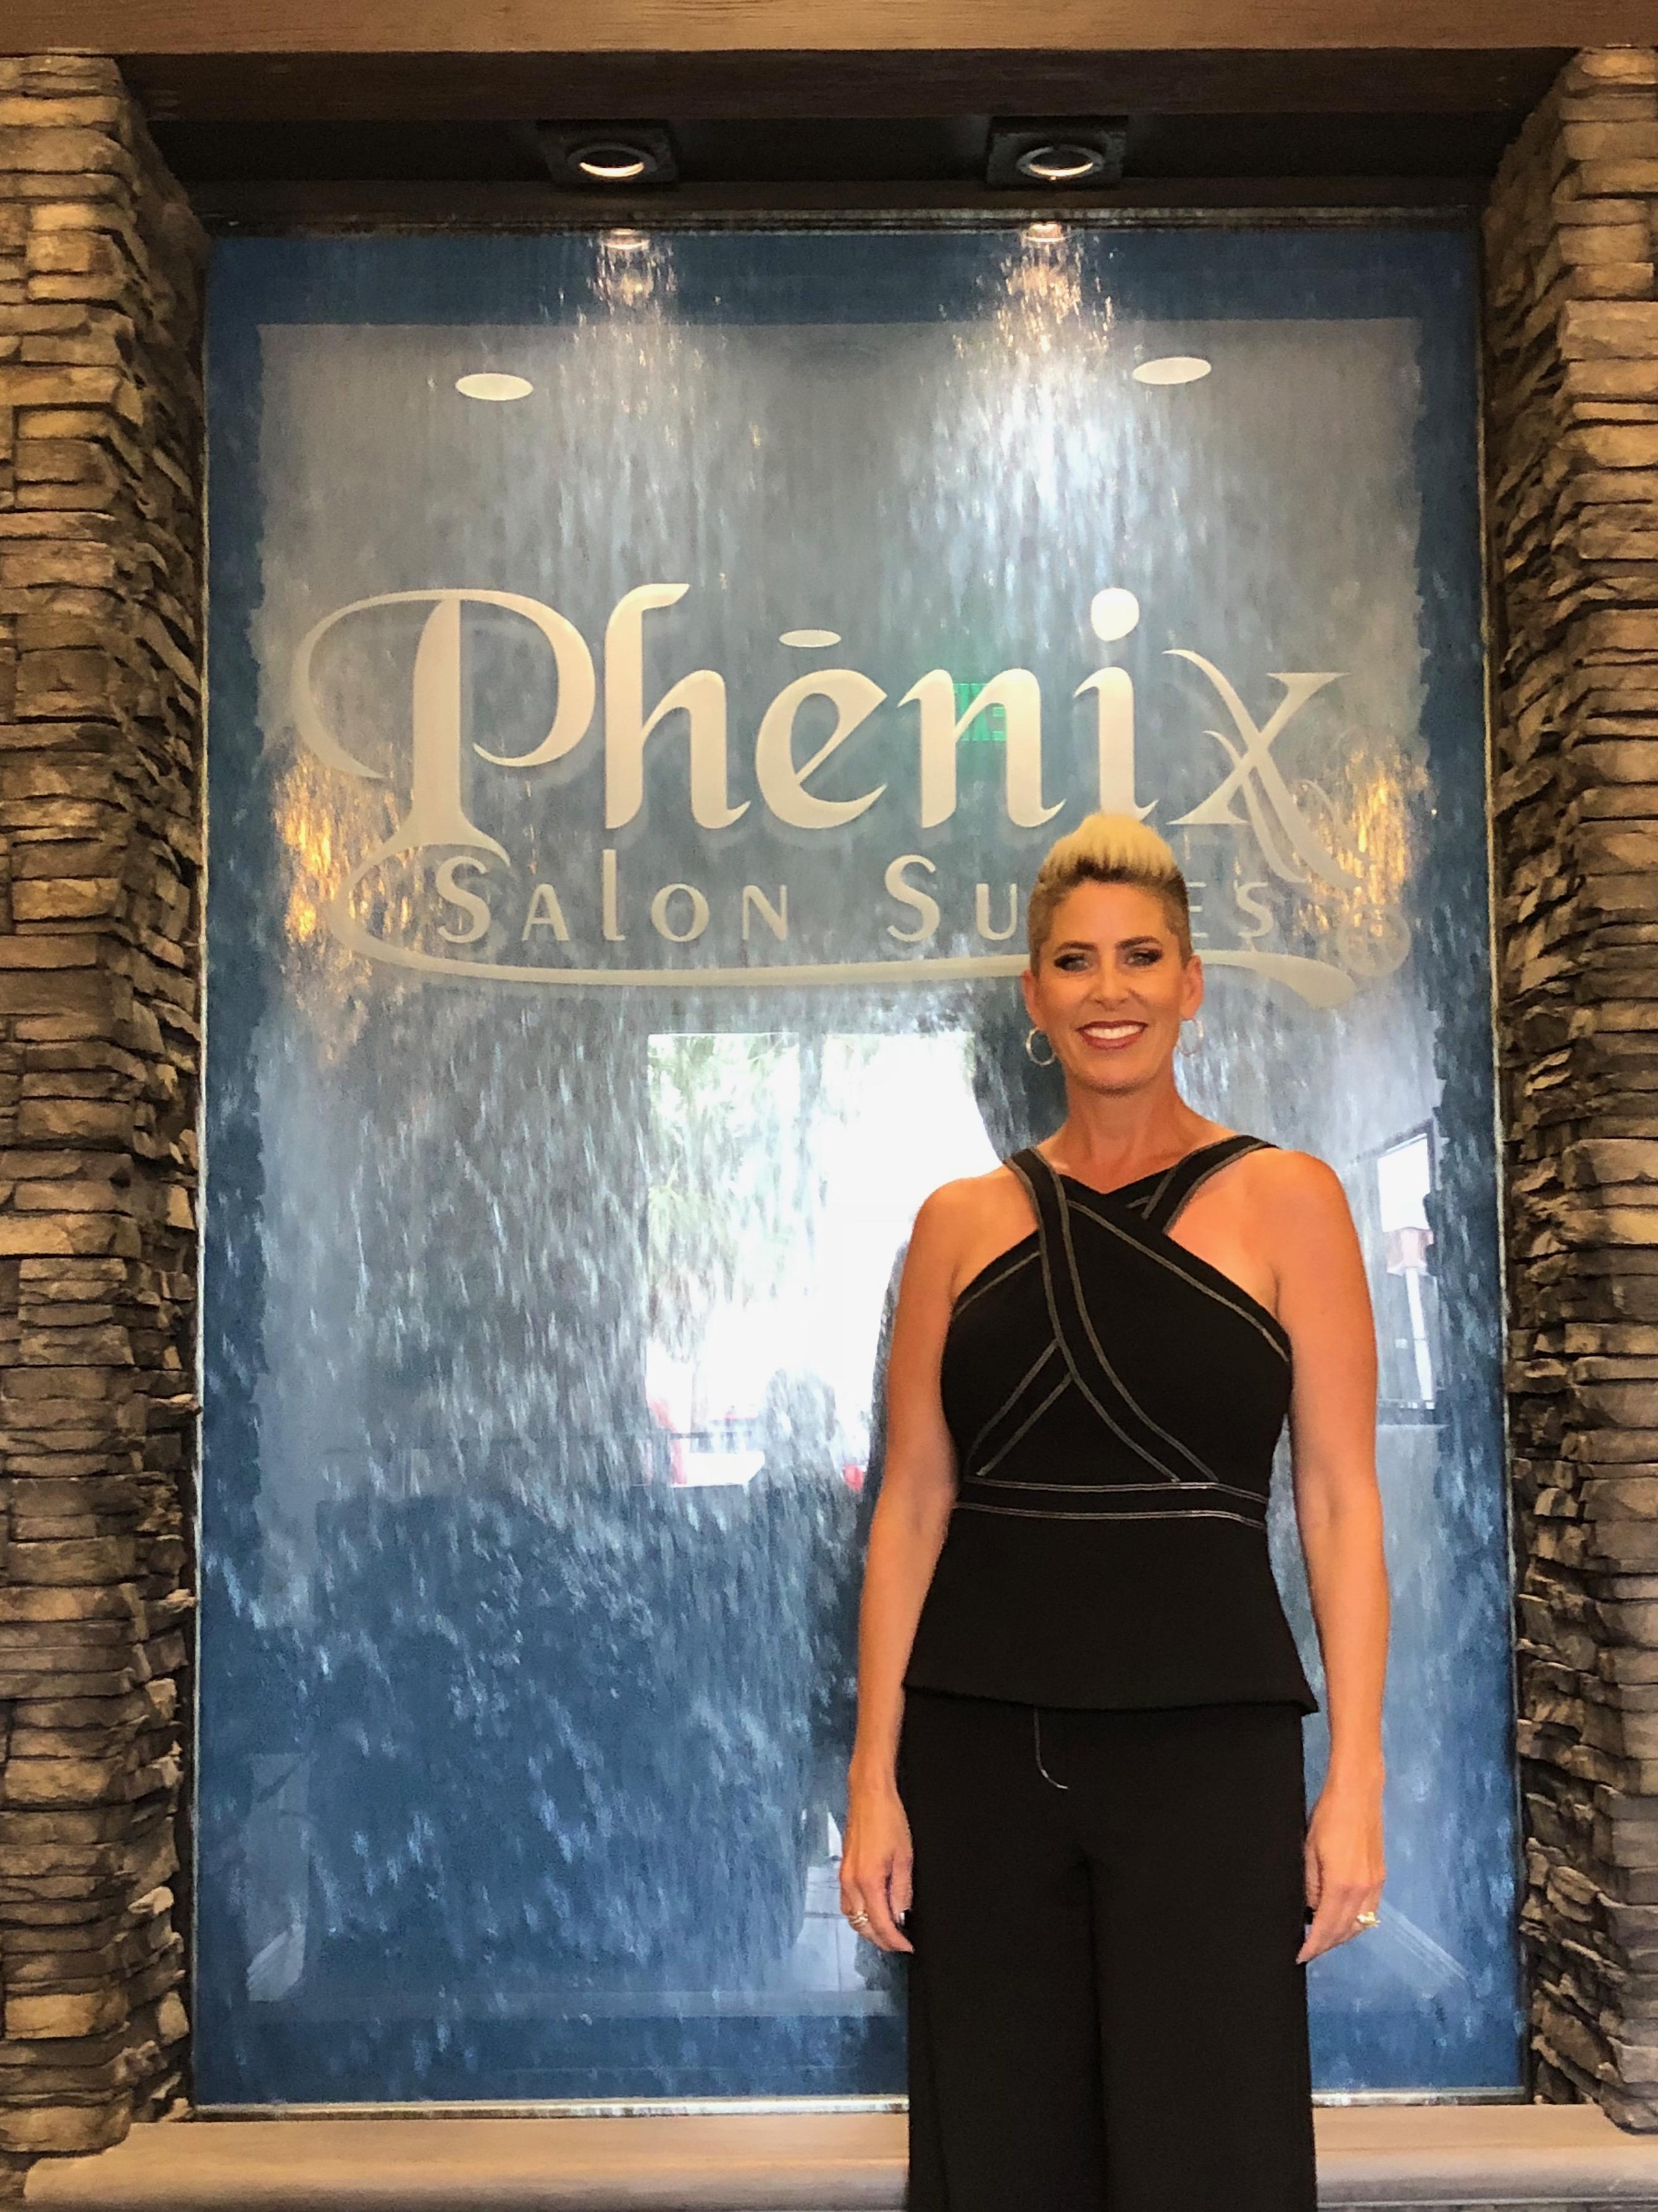 Phenix Welcome Photo